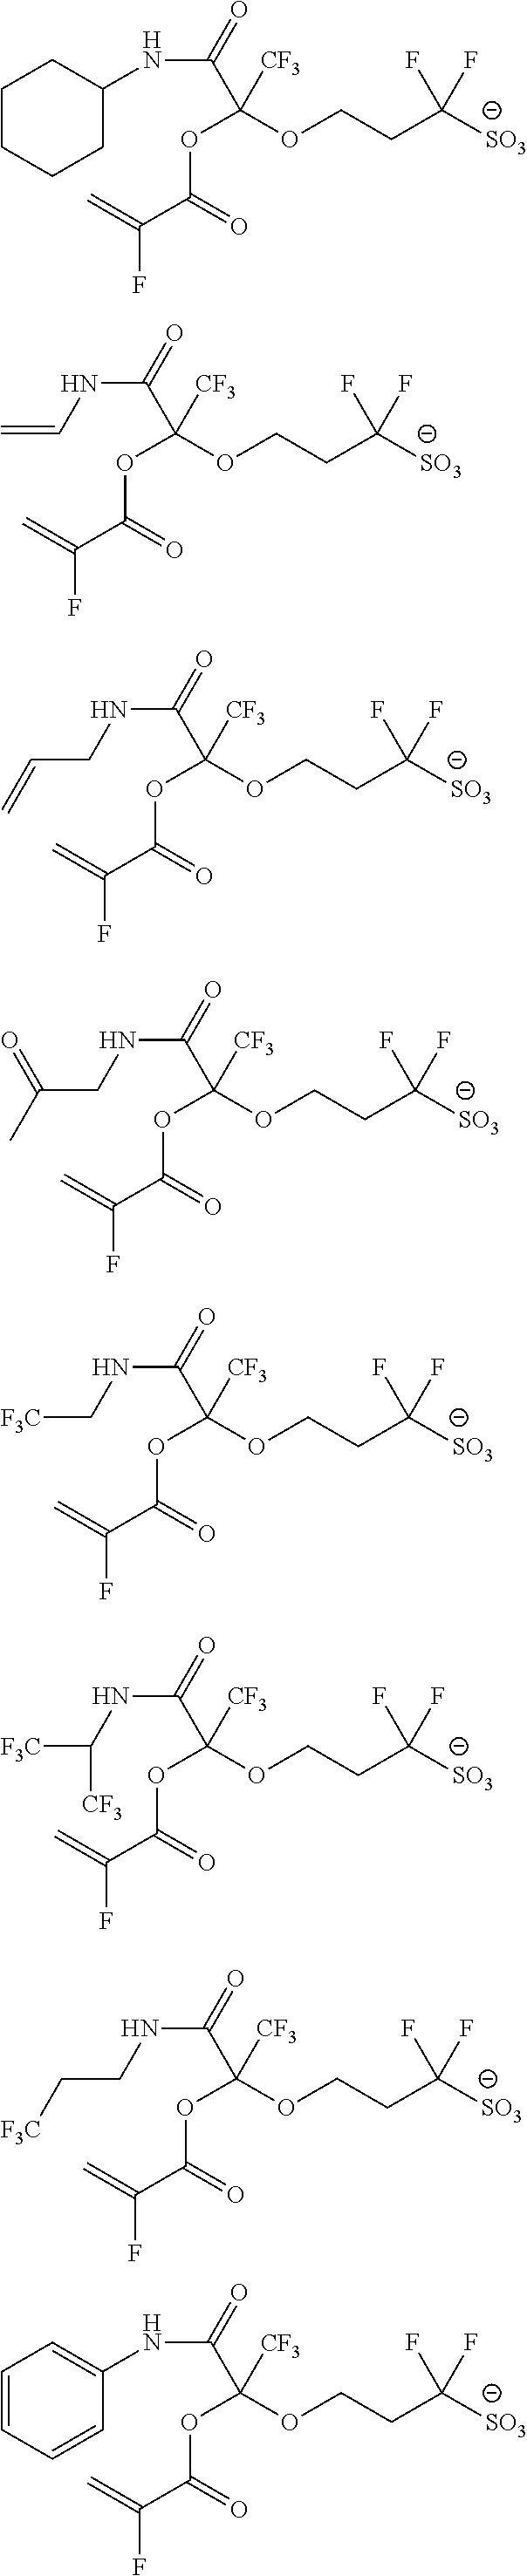 Figure US09182664-20151110-C00073